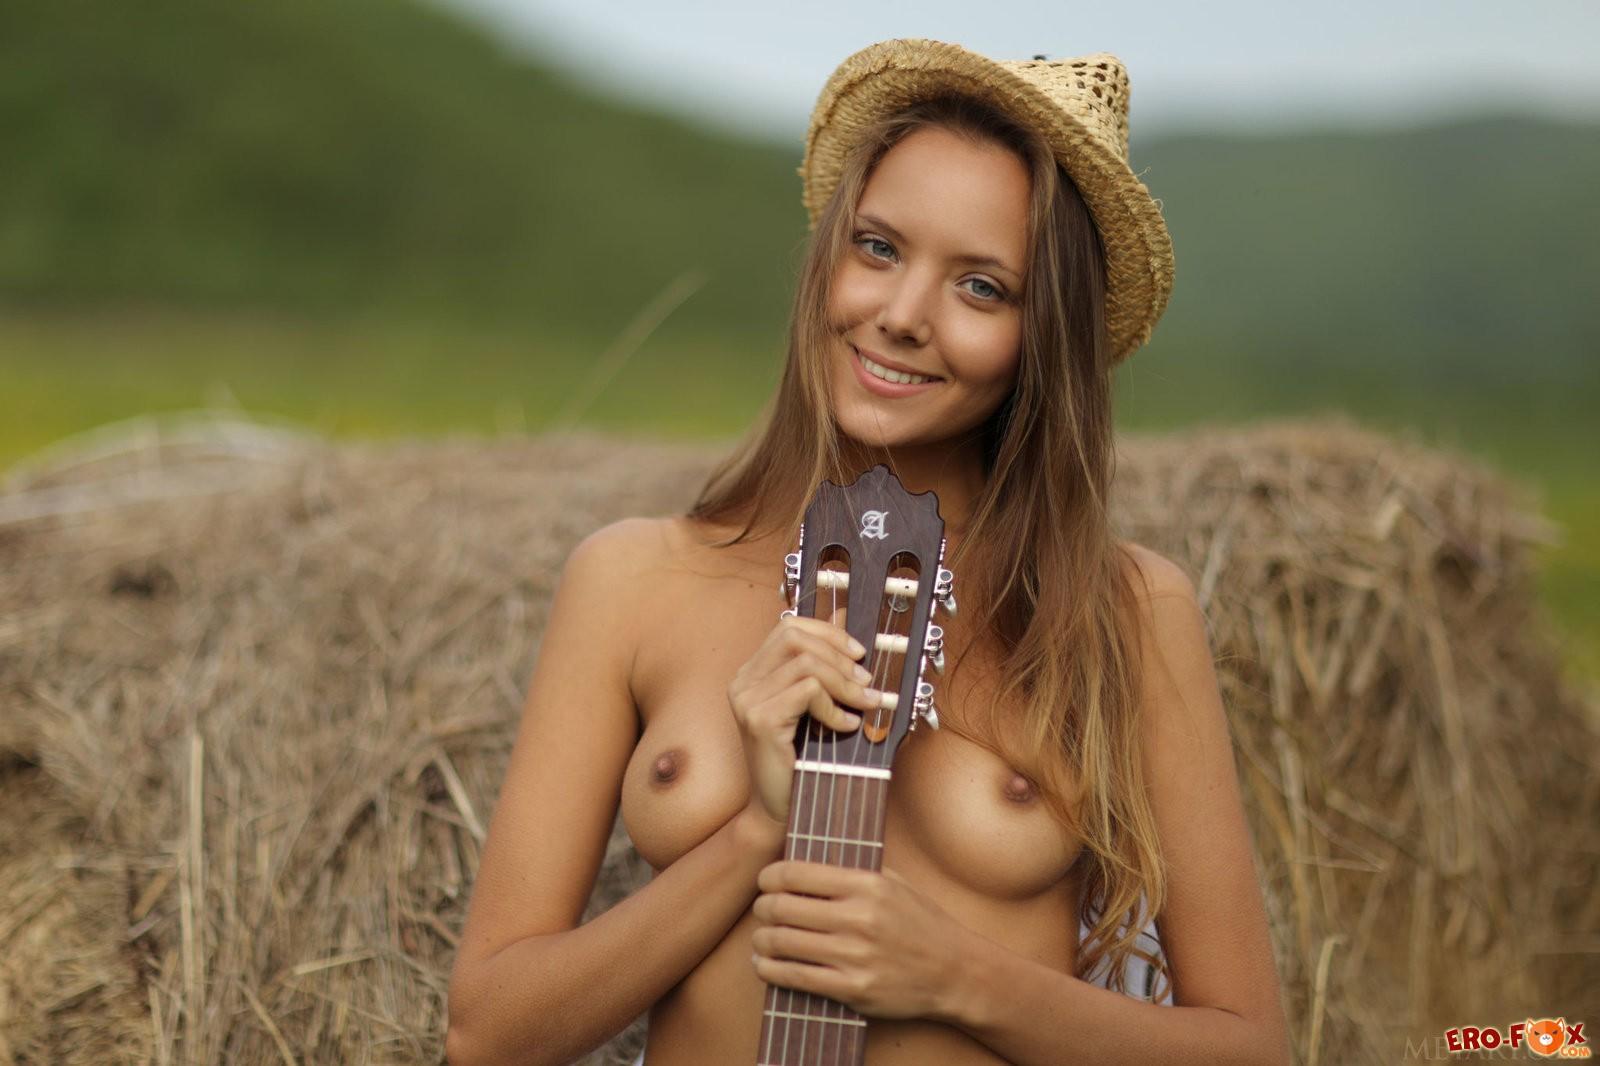 Обнажённая русская красотка на сене